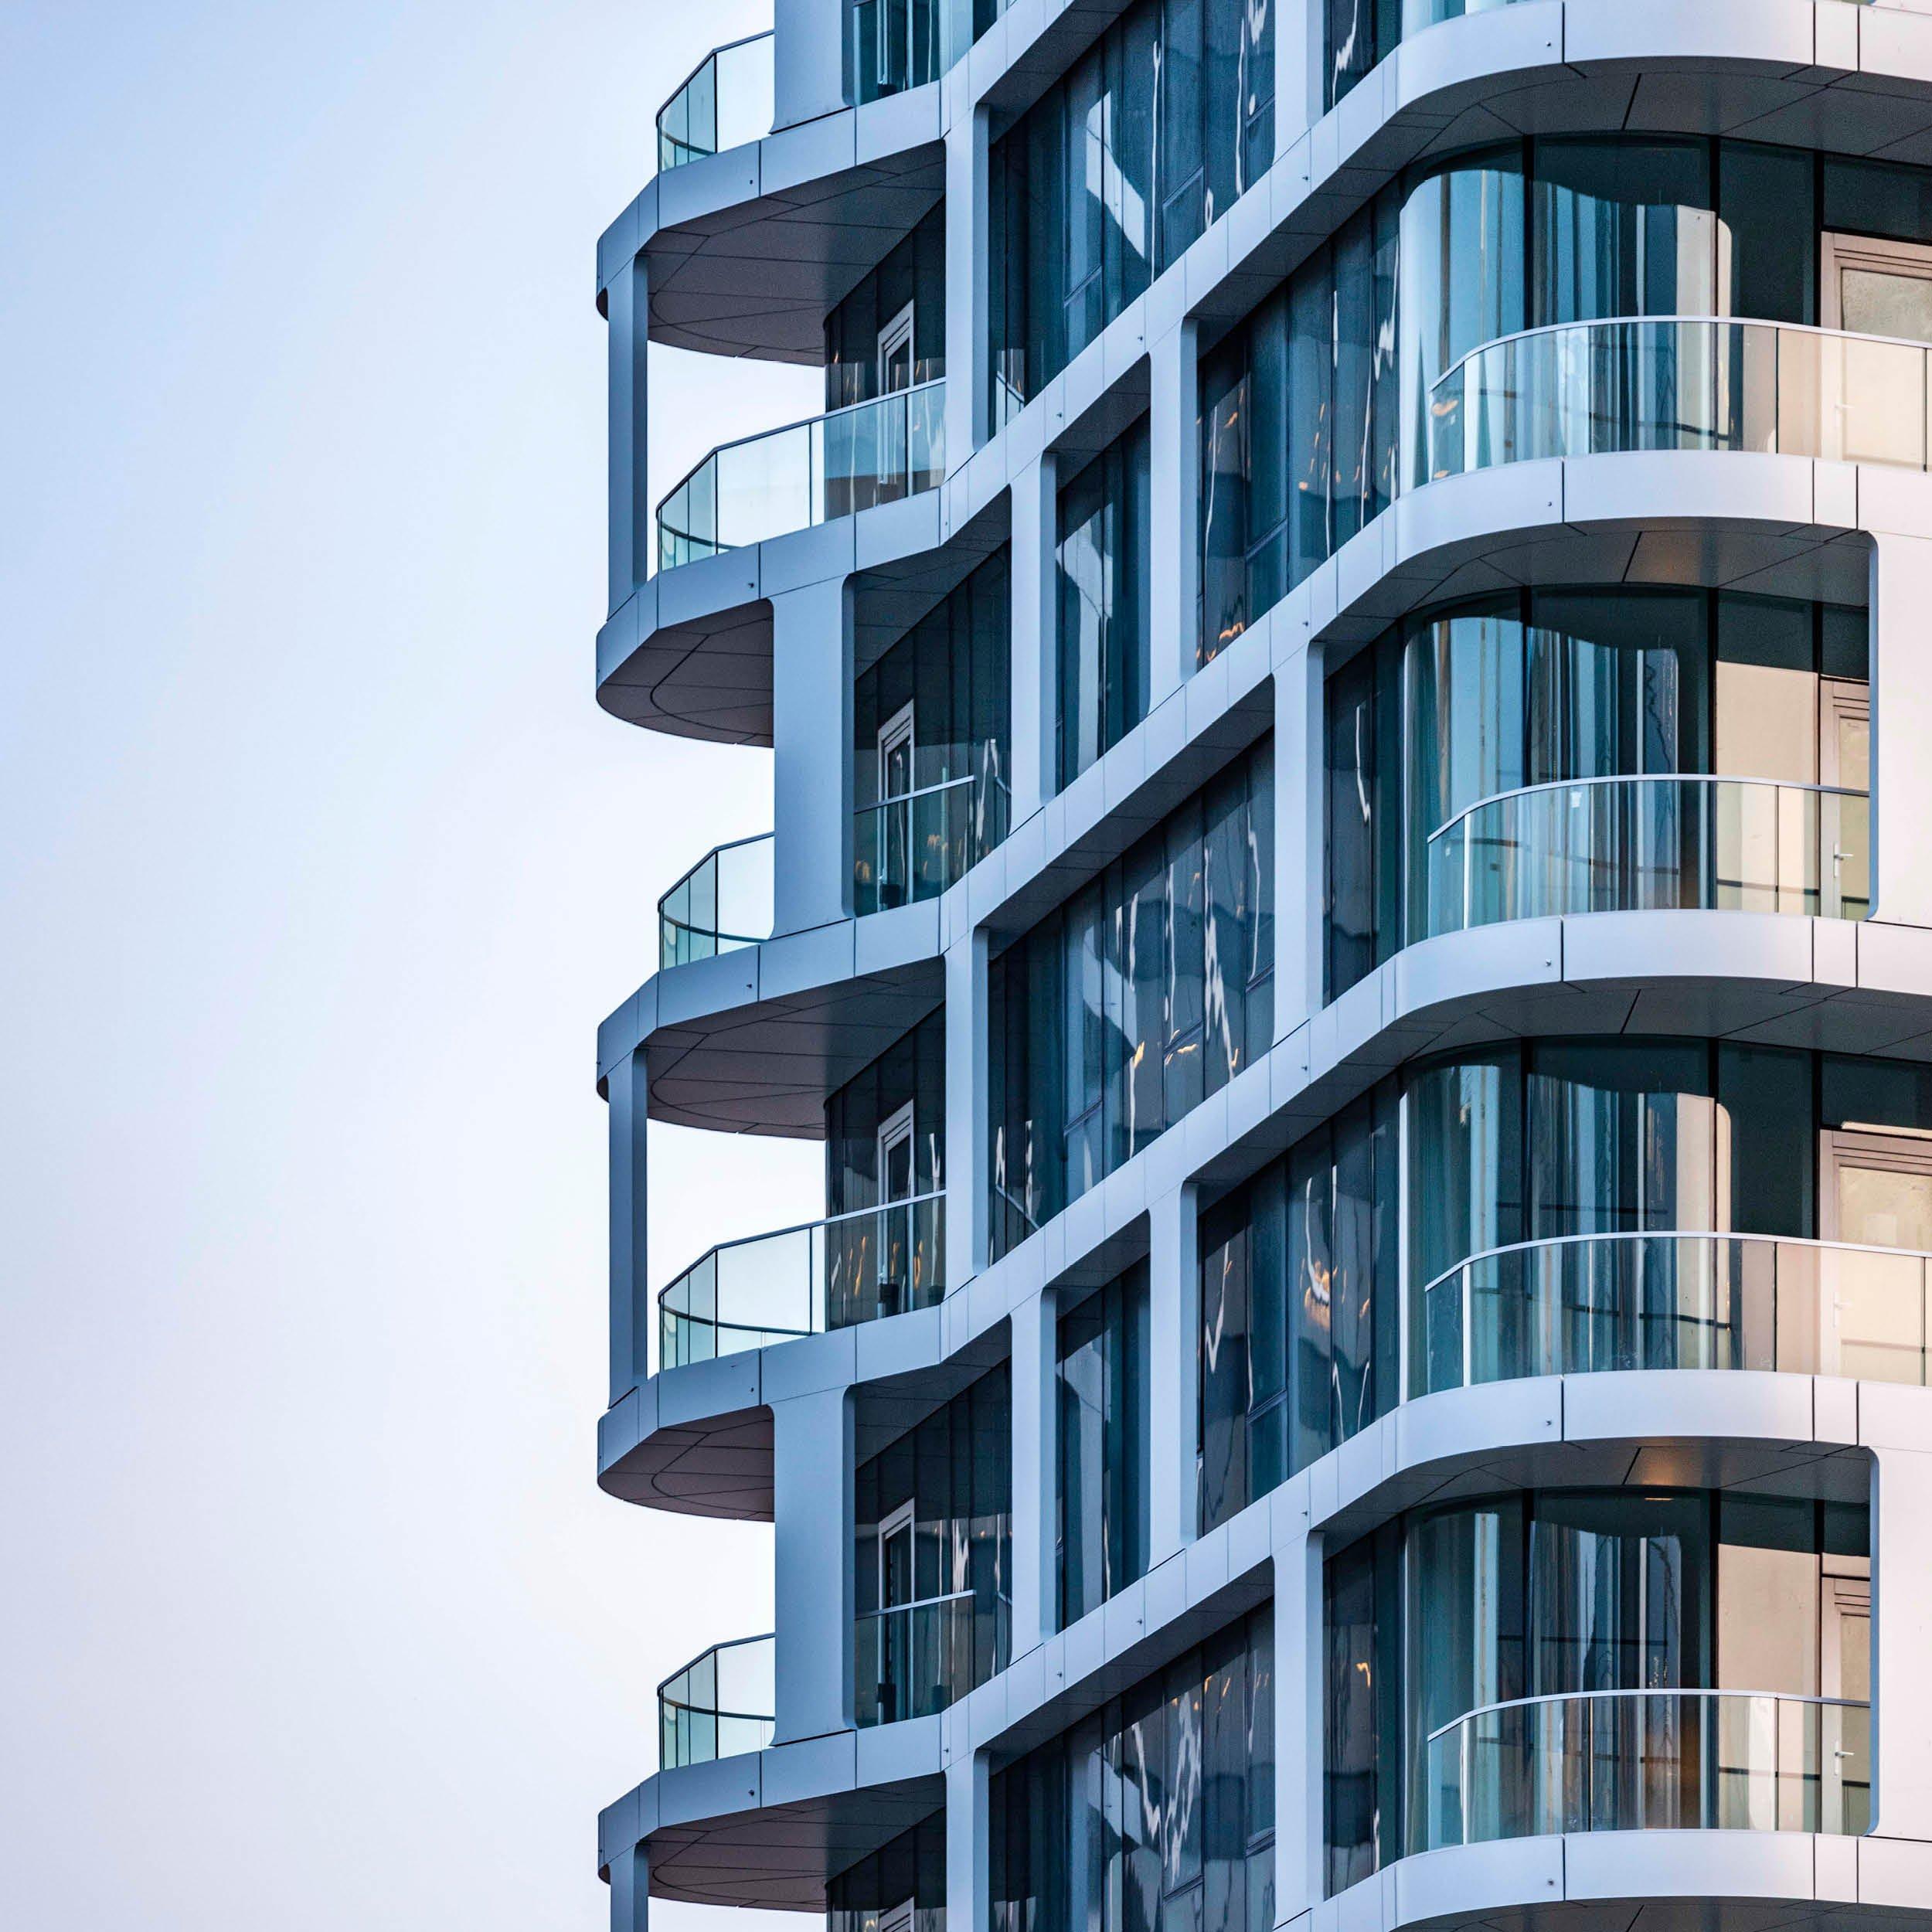 CetraRuddy Architecture